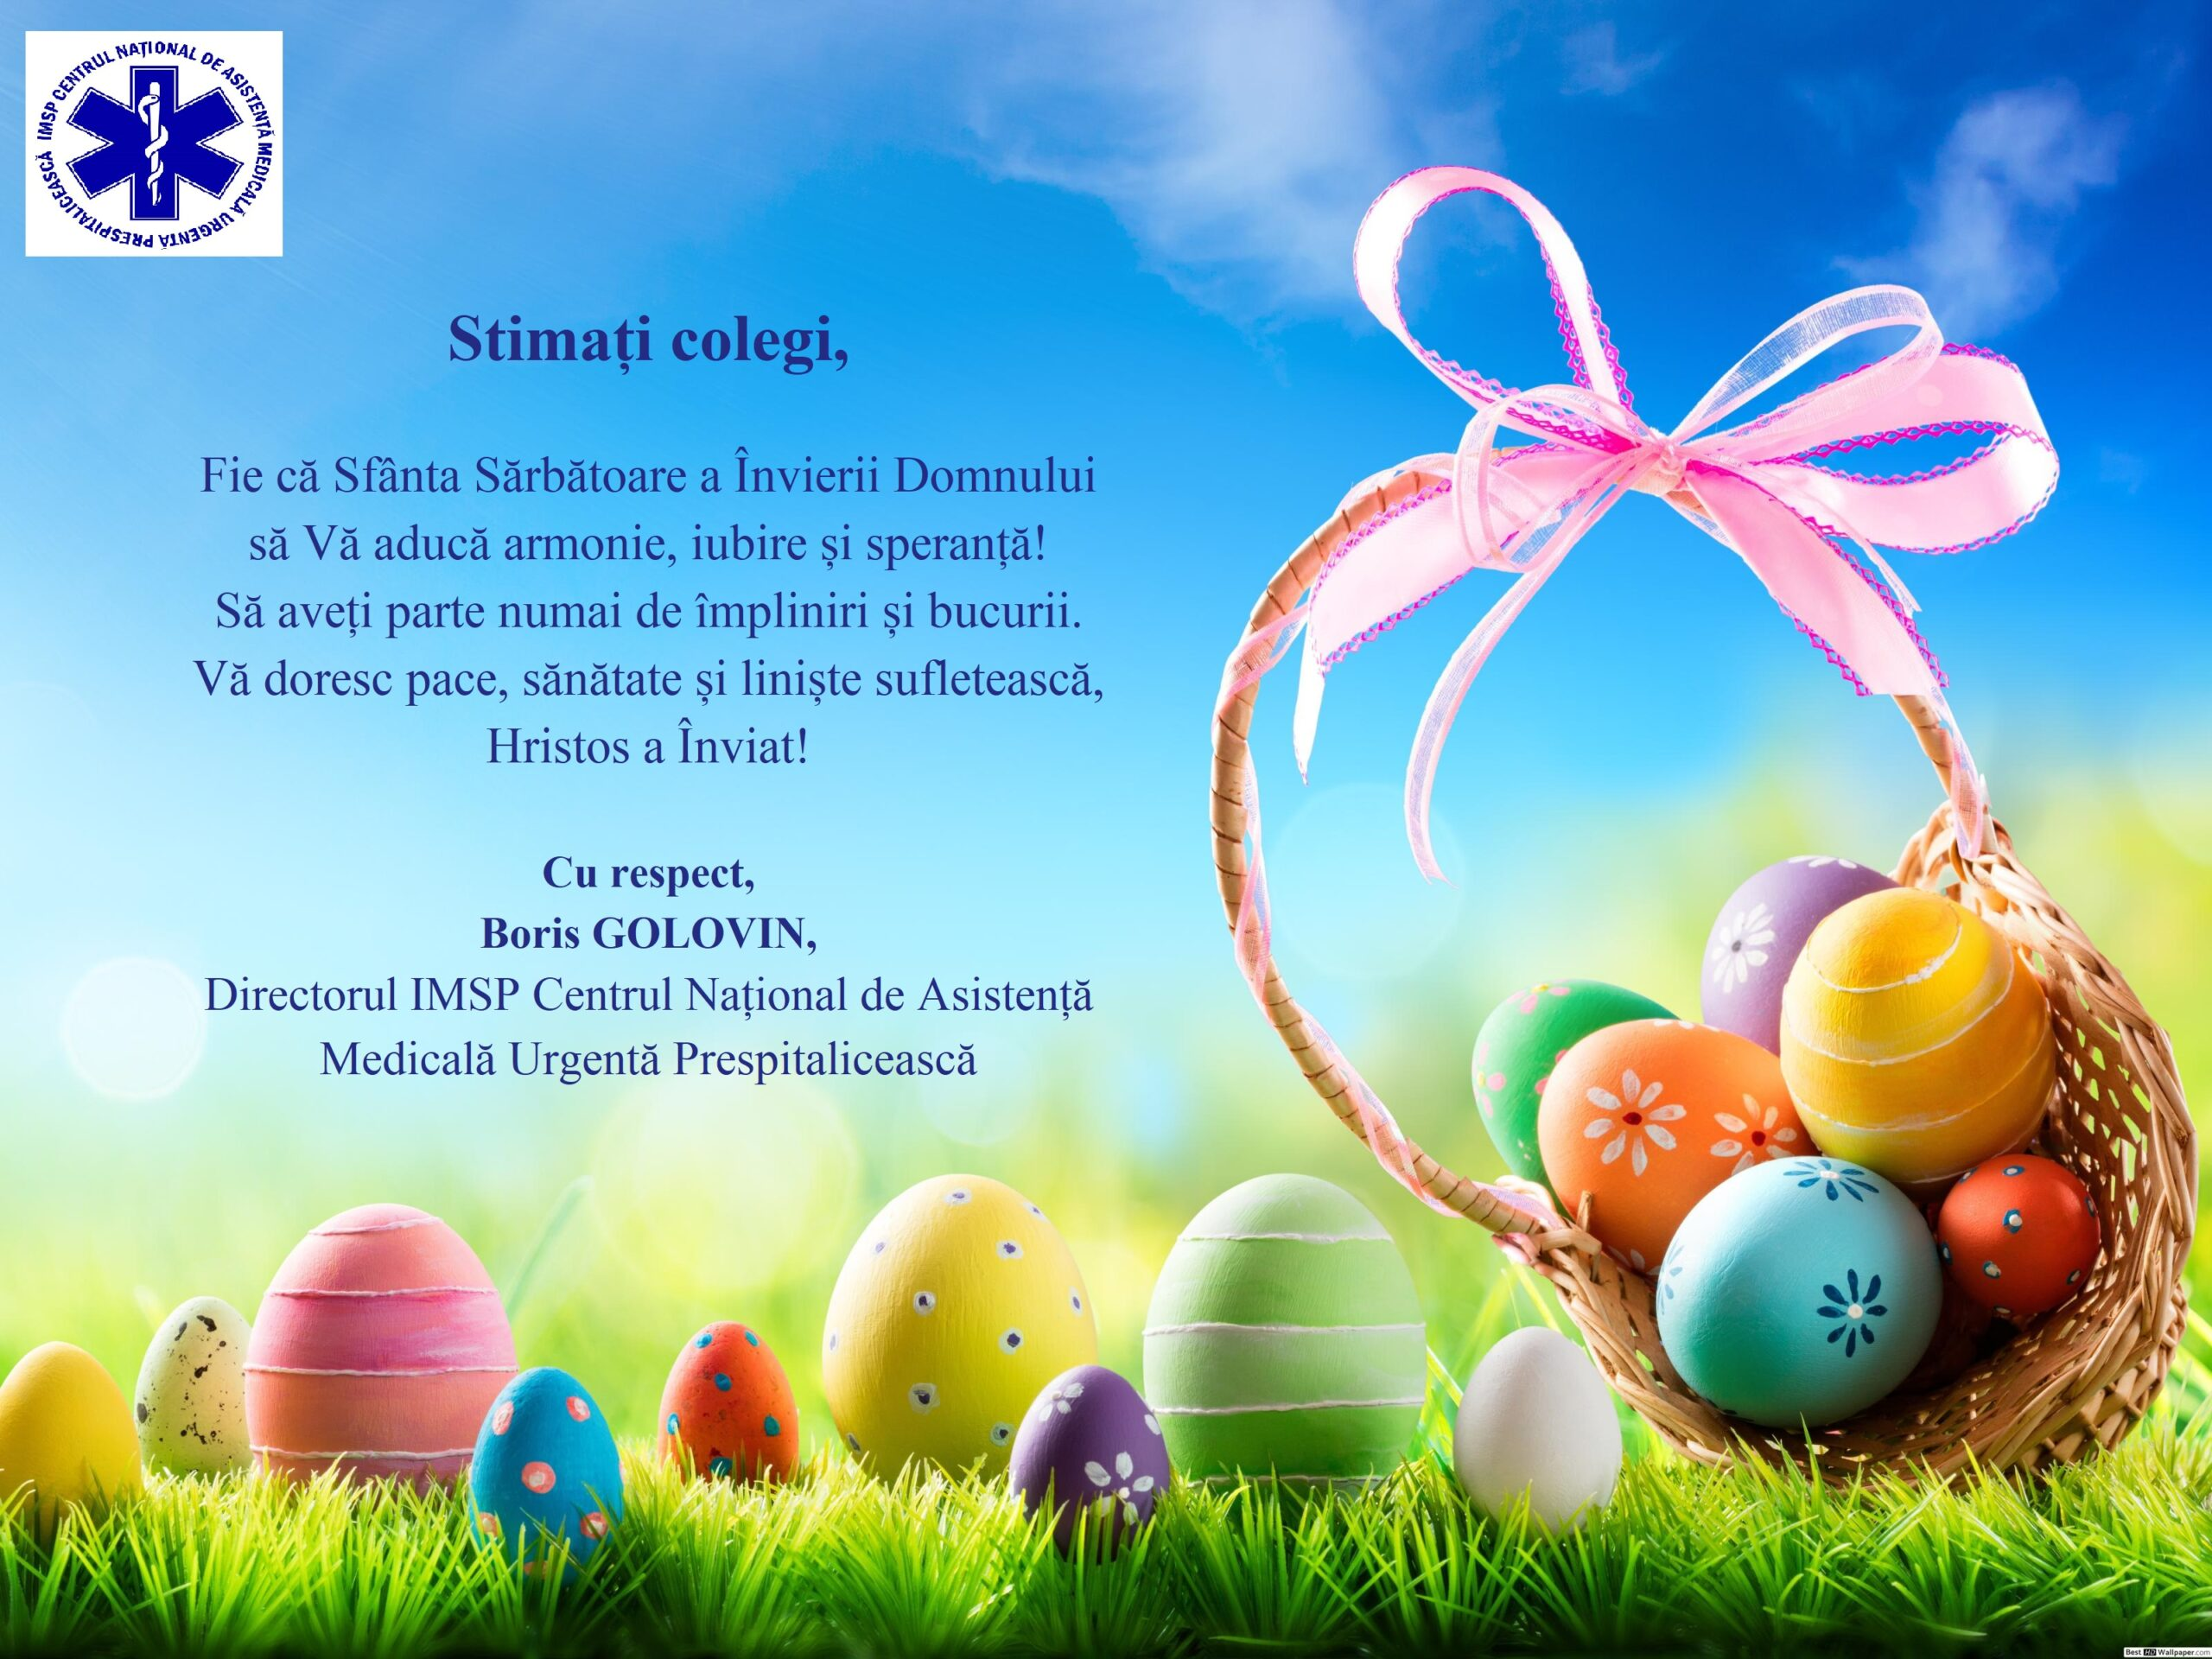 Felicitare cu ocazia Sfintelor Sărbători de Paști